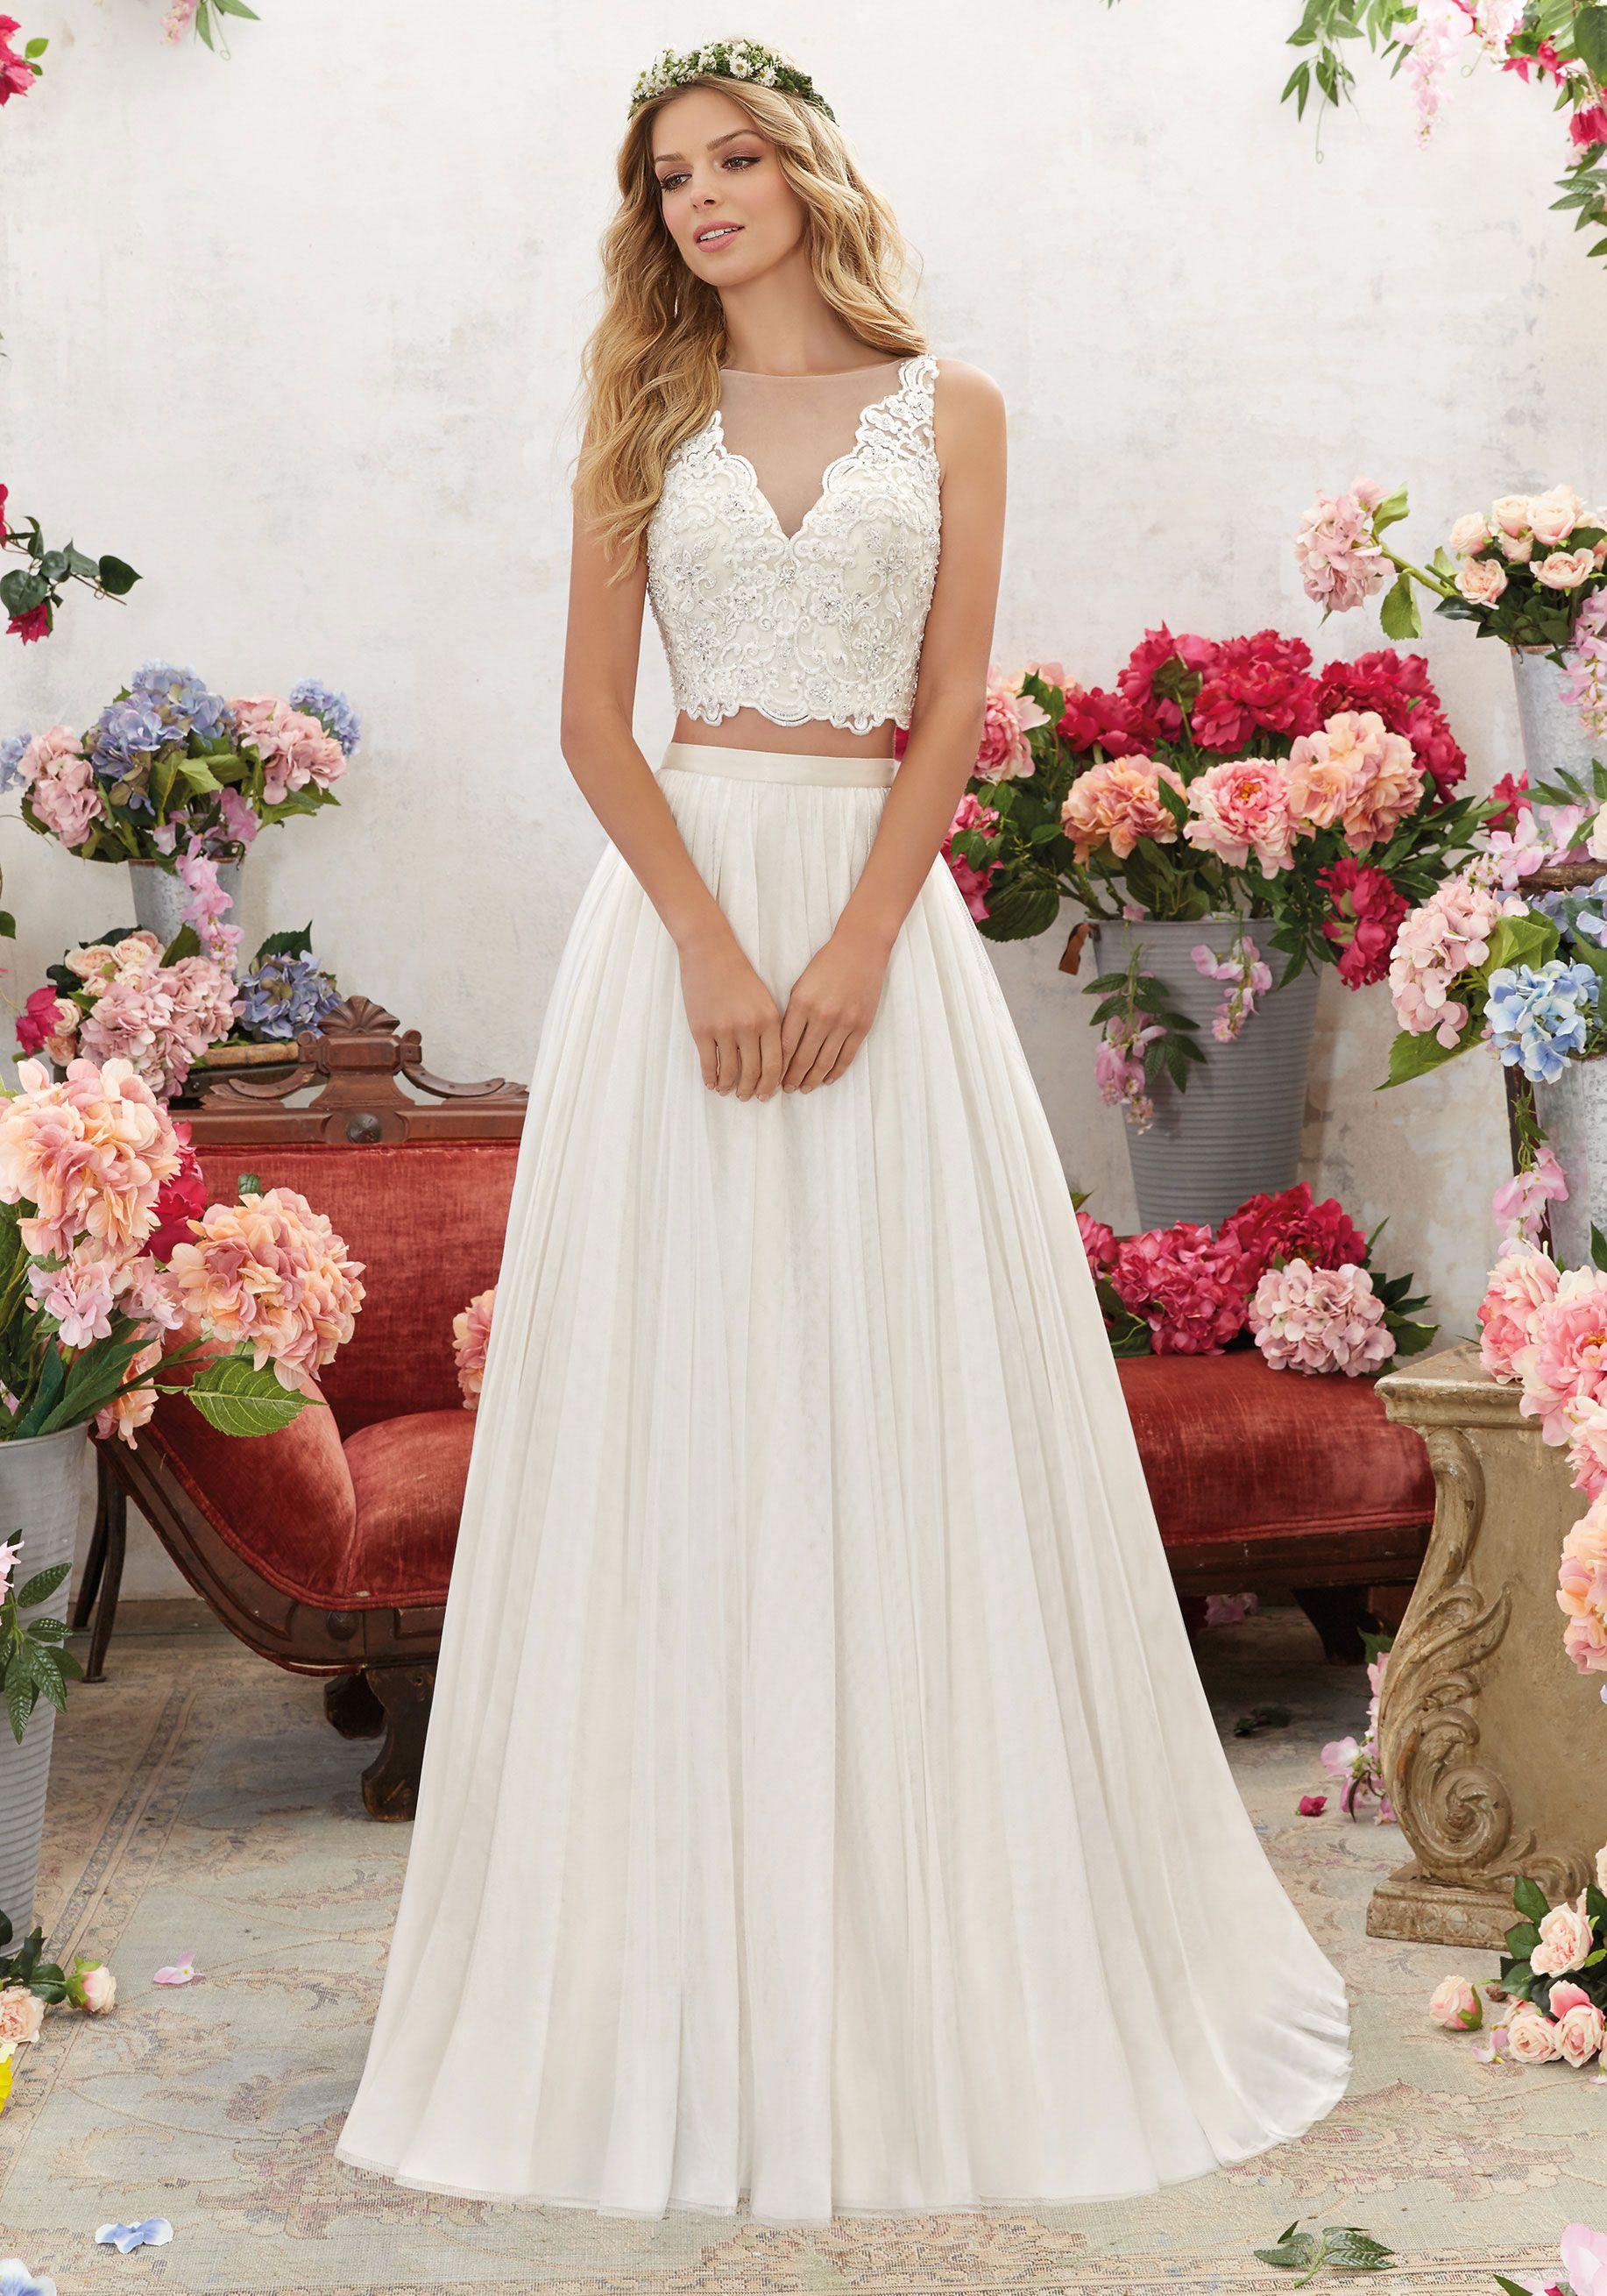 68f82b50694 Melina 2 Piece Wedding Dress